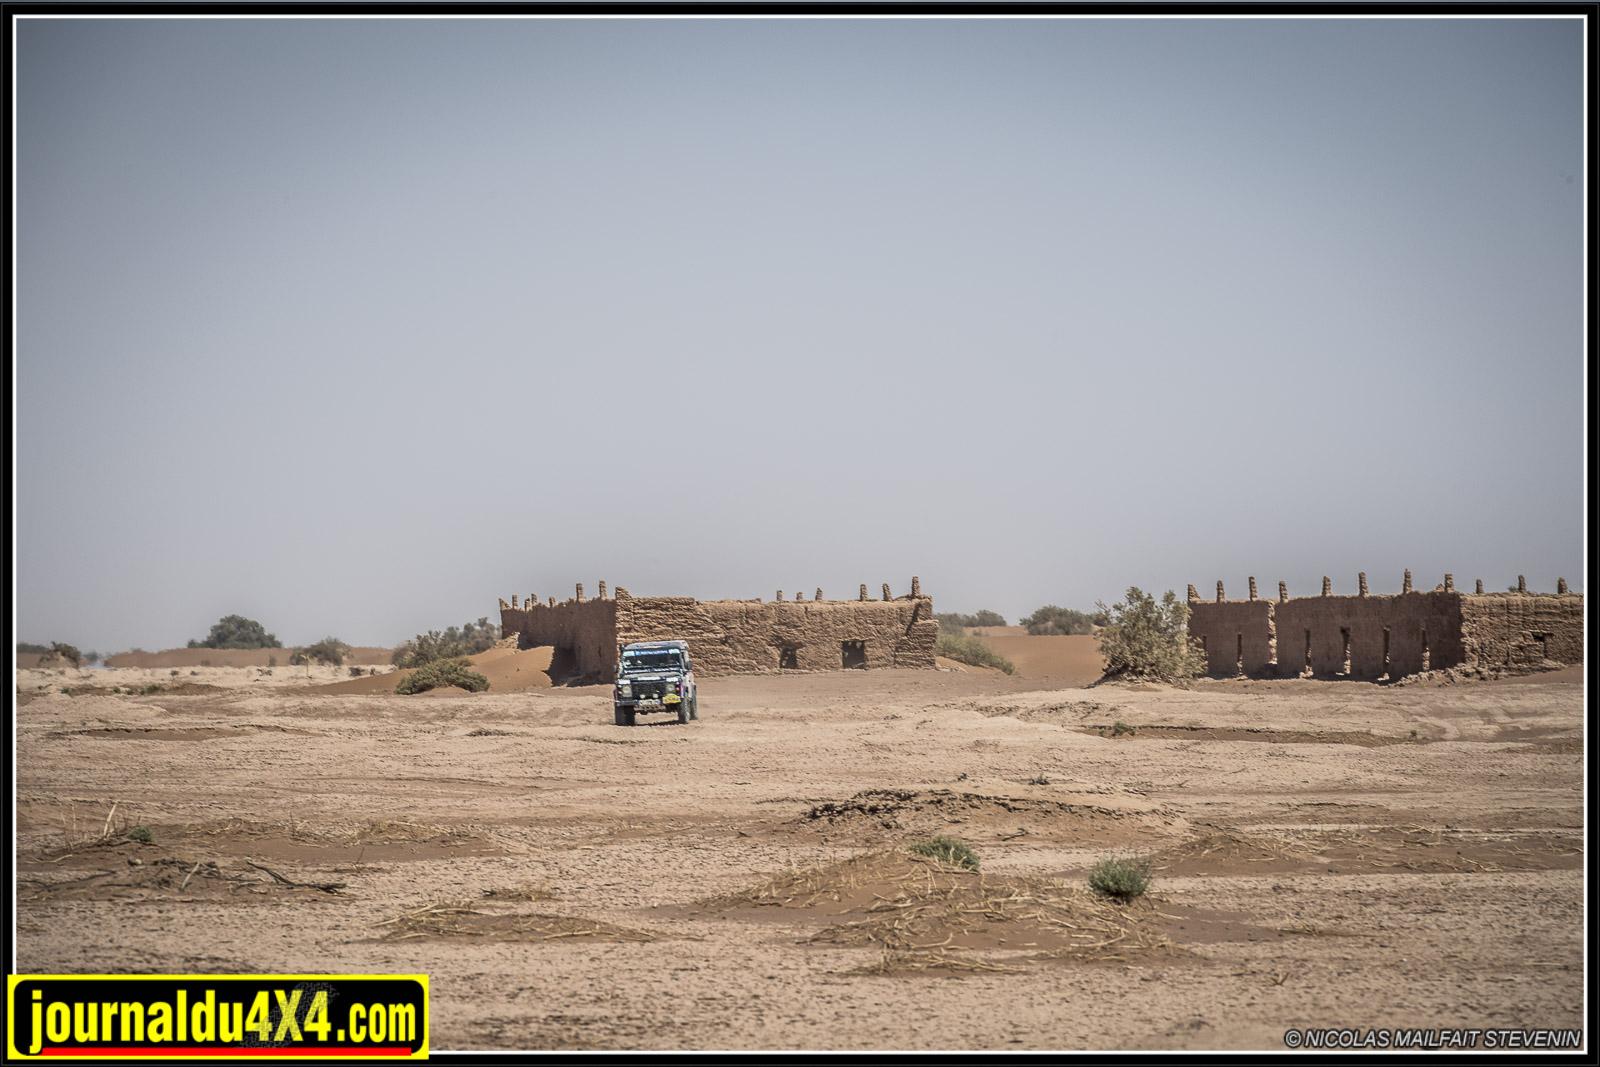 rallye-aicha-gazelles-maroc-2017-7270.jpg